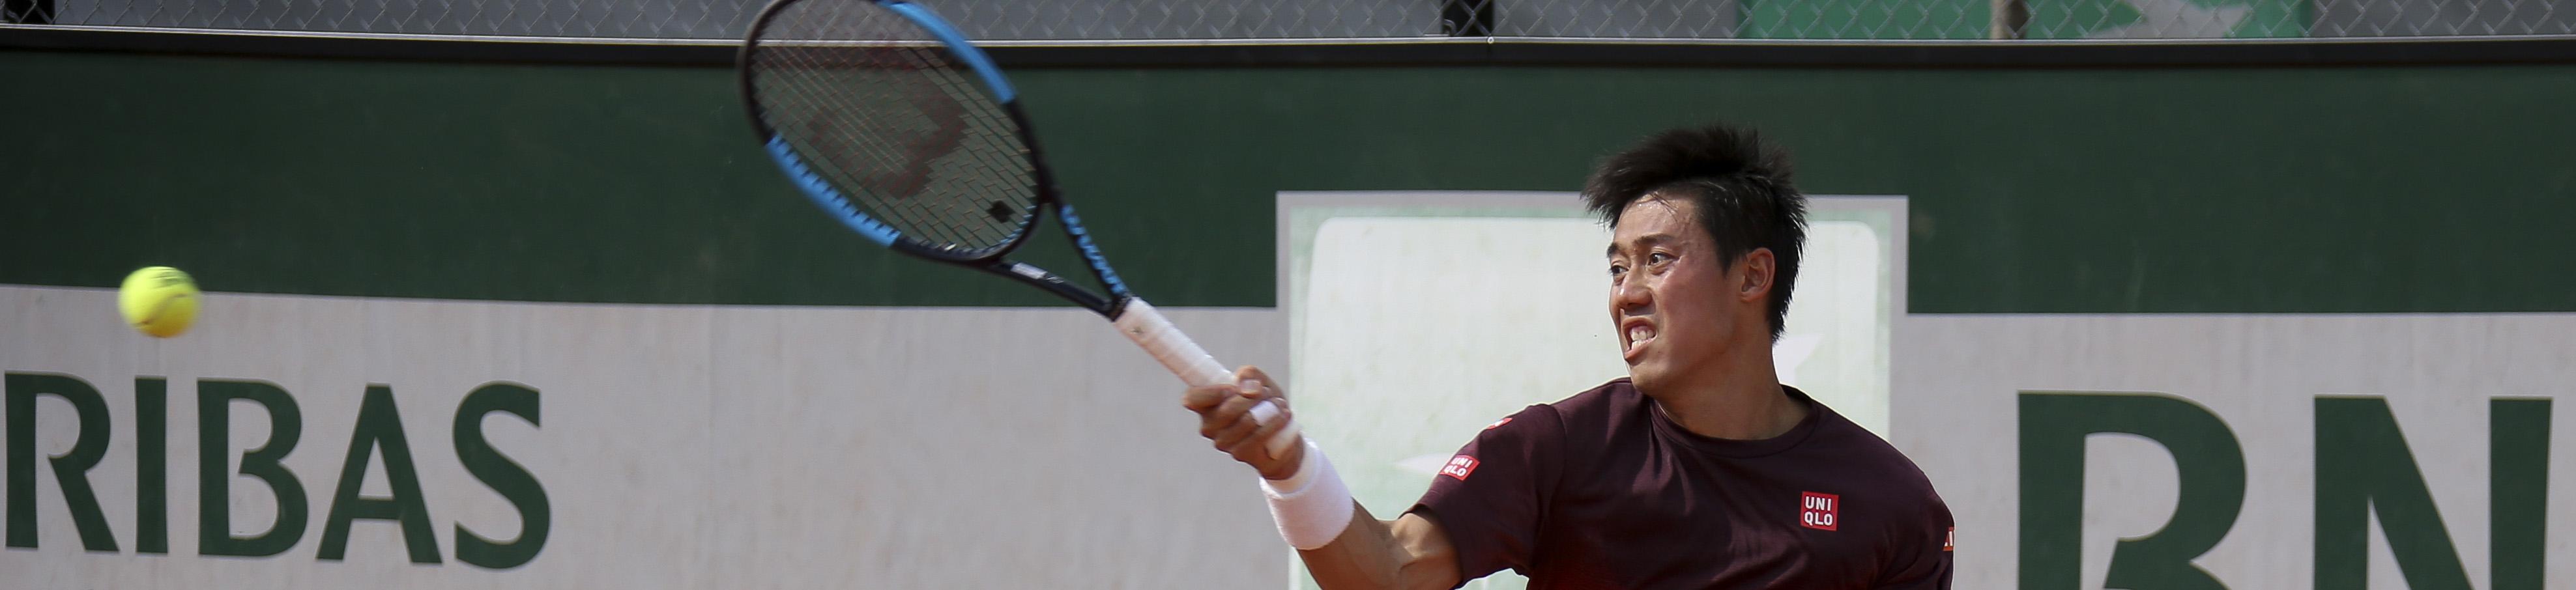 Roland Garros 2019, day 8: quarti possibili per Nishikori e Vondrousova